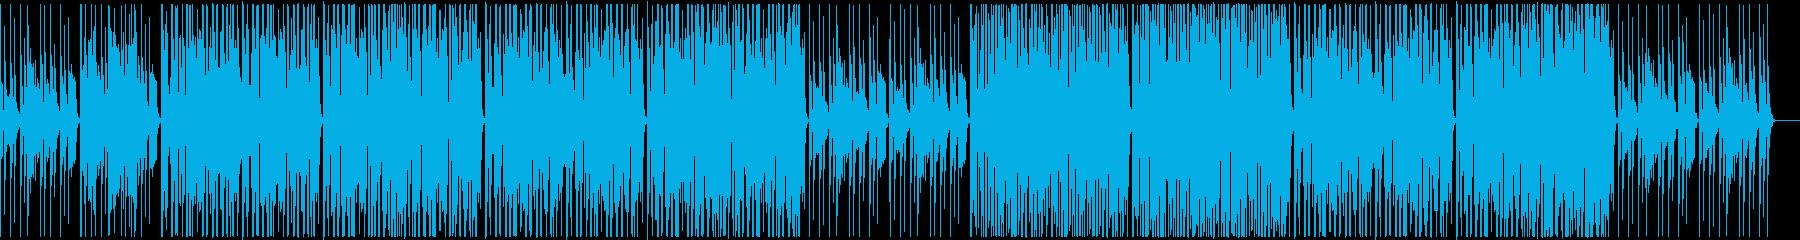 ポップでオシャレ感なダンスミュージックの再生済みの波形